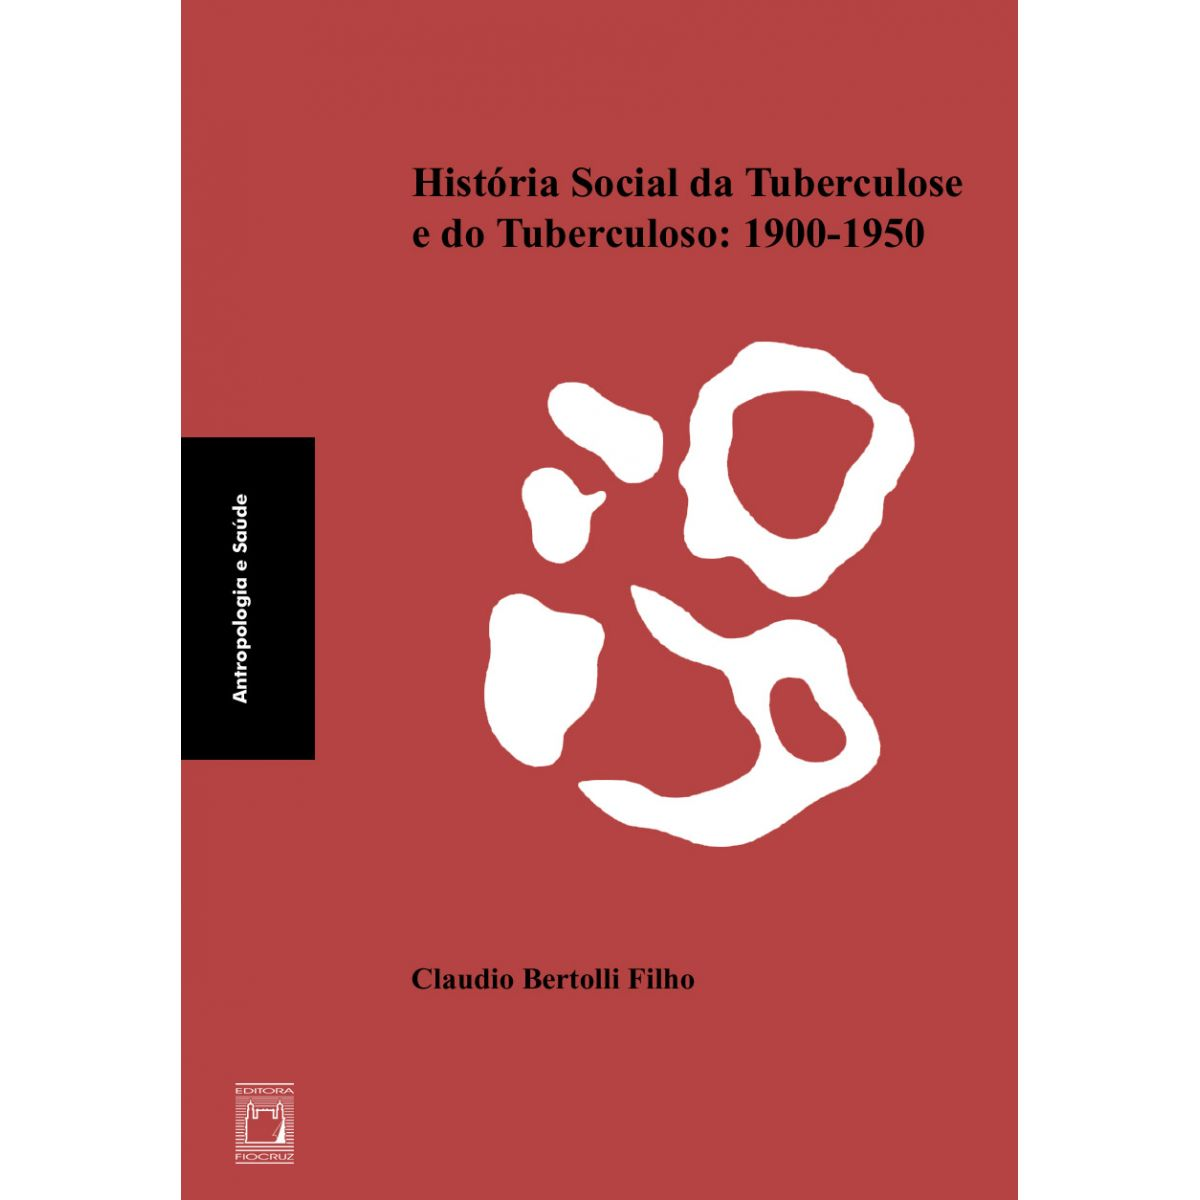 História Social da Tuberculose e do Tuberculoso: 1900-1950  - Livraria Virtual da Editora Fiocruz